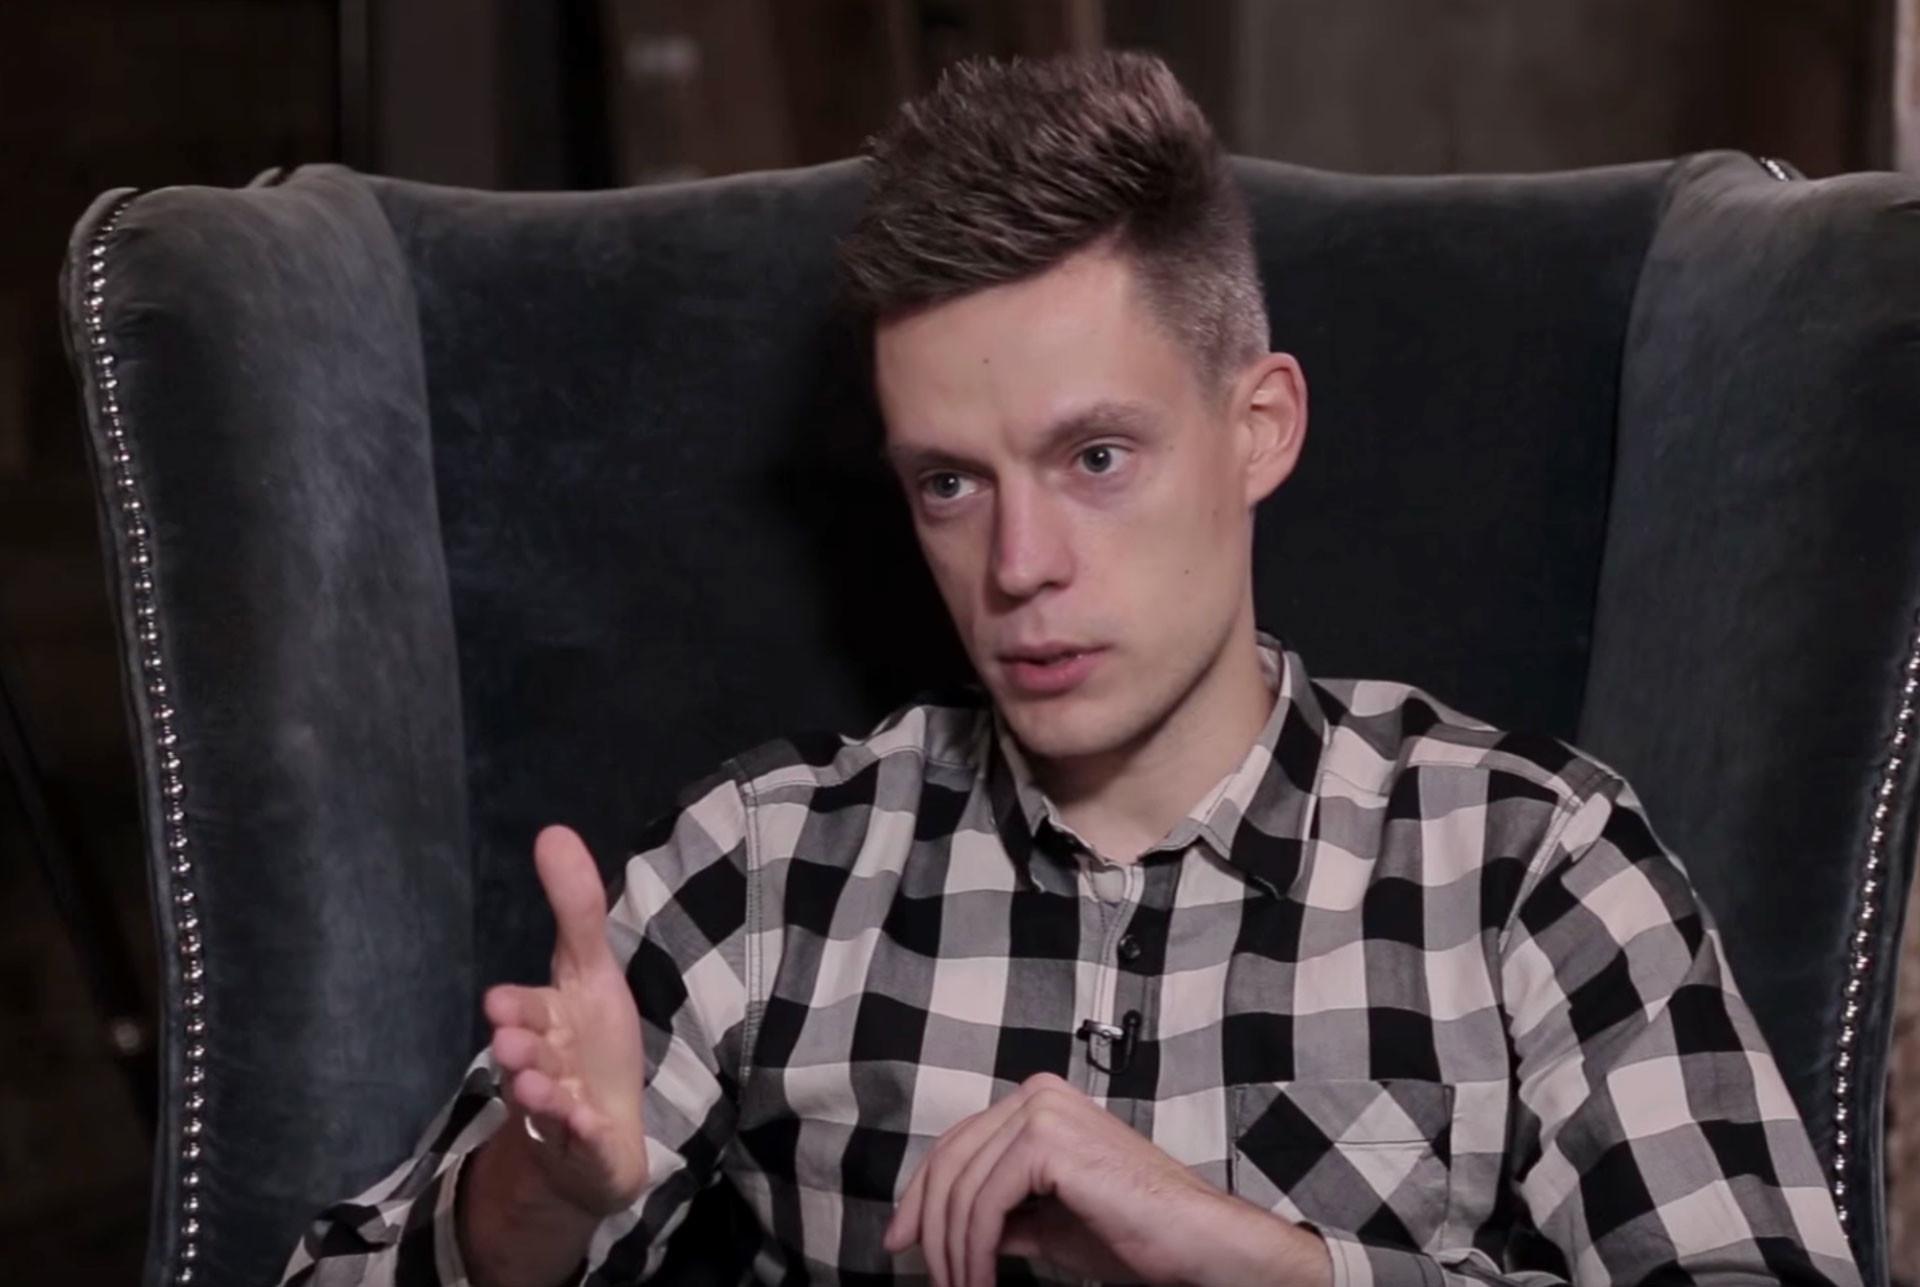 Возбуждено уголовное дело по факту нападения на семью Юрия Дудя